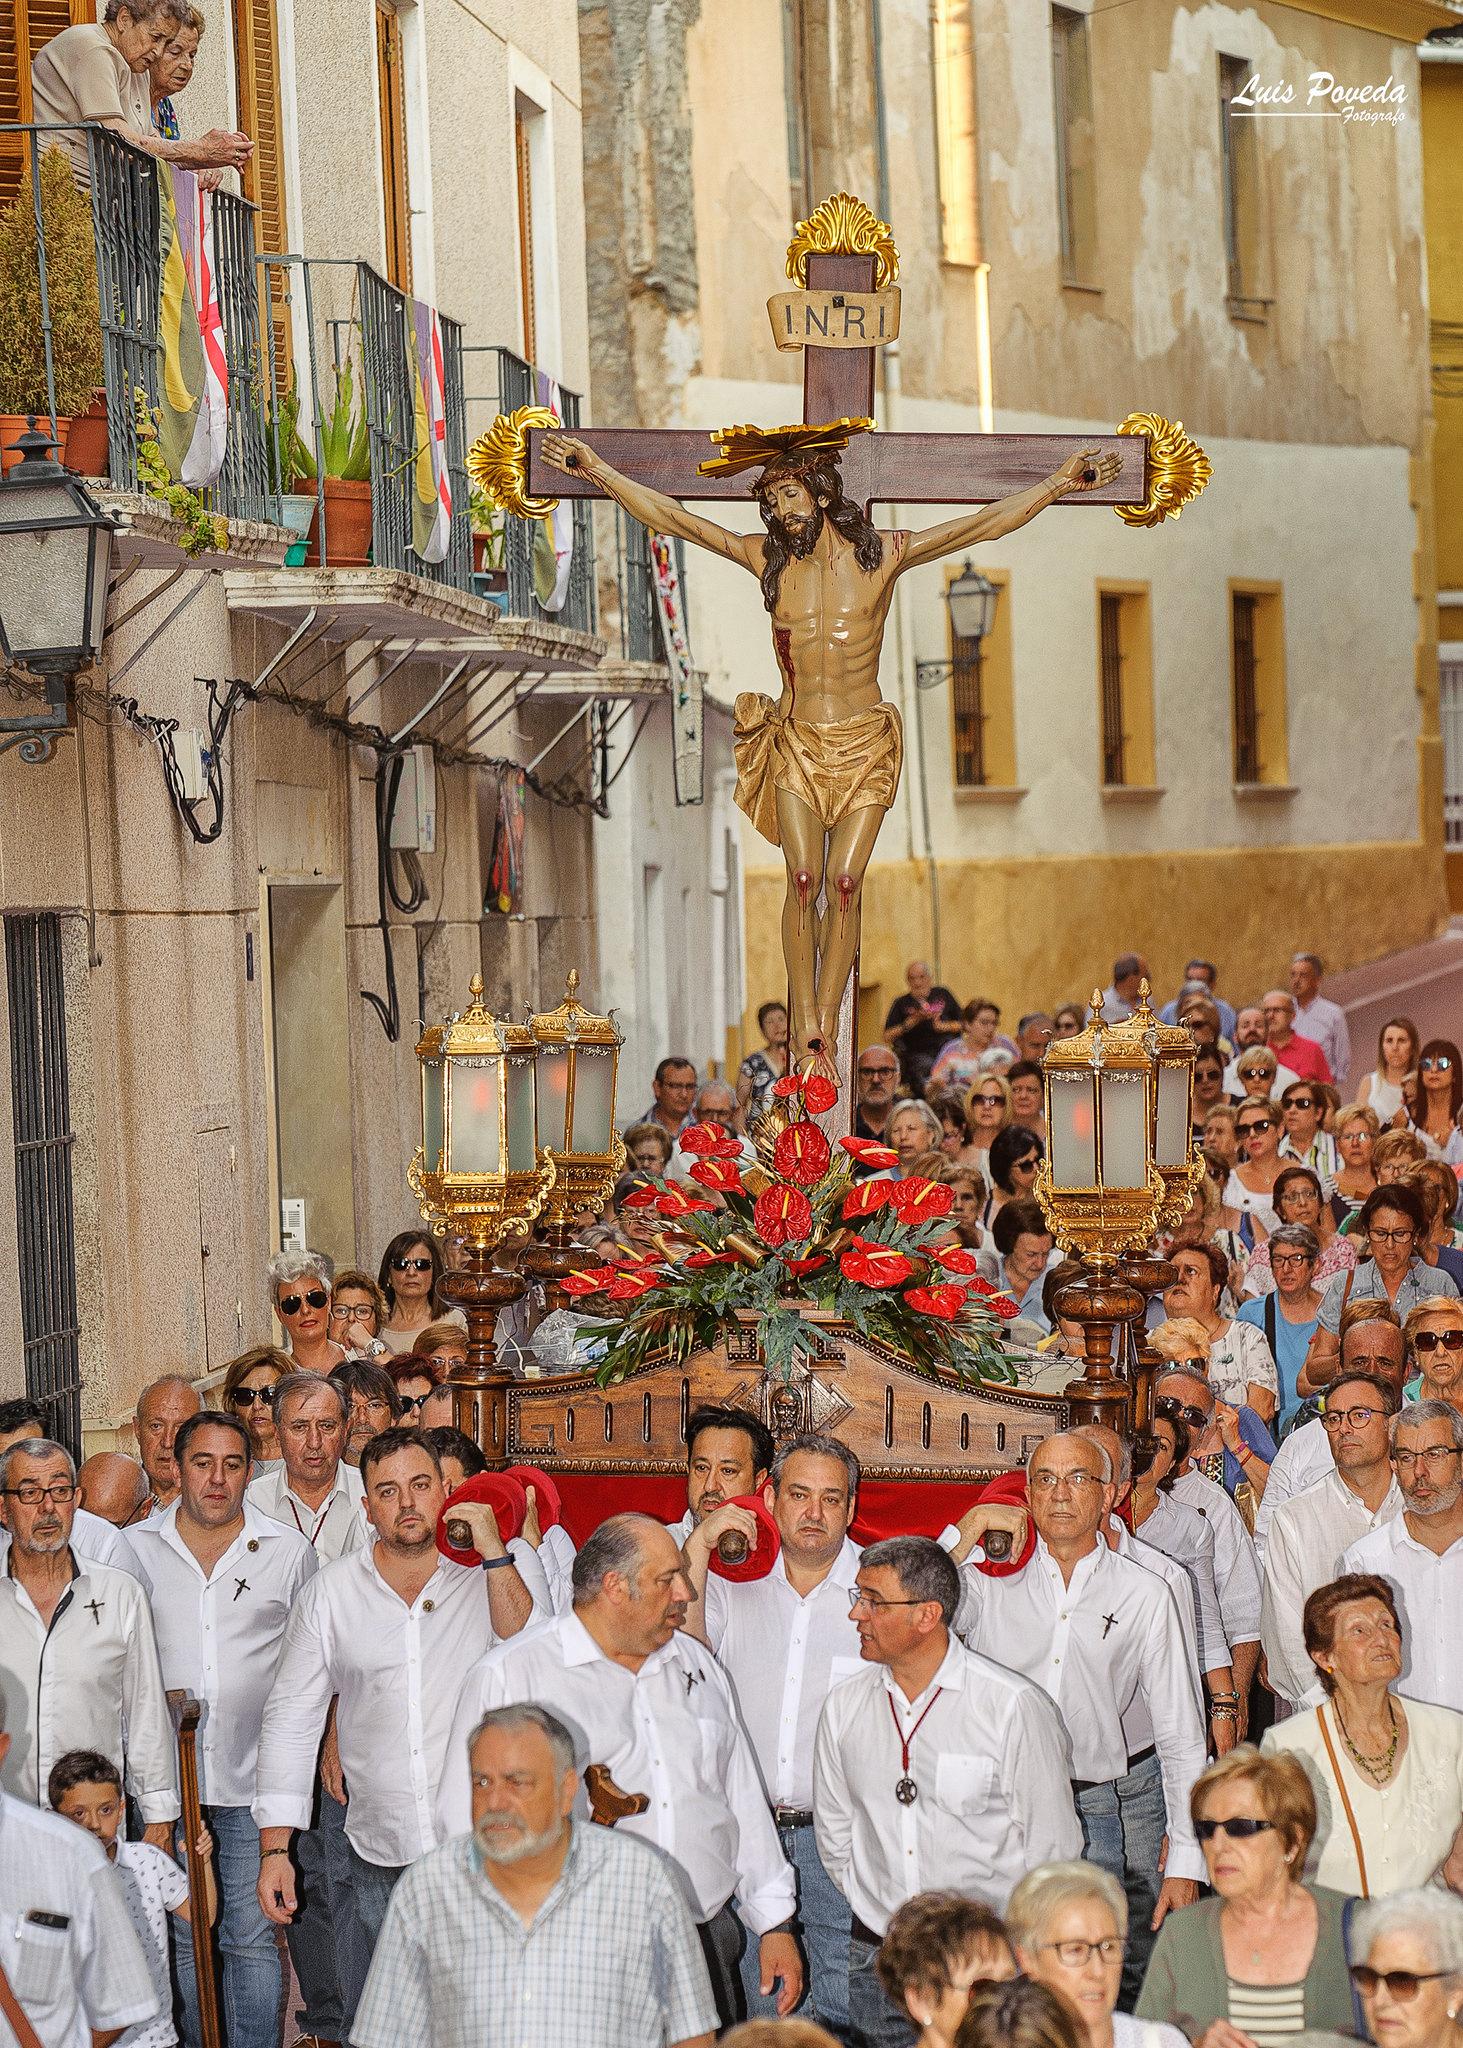 (2018-06-22) - Vía Crucis bajada - Luis Poveda Galiano (16)